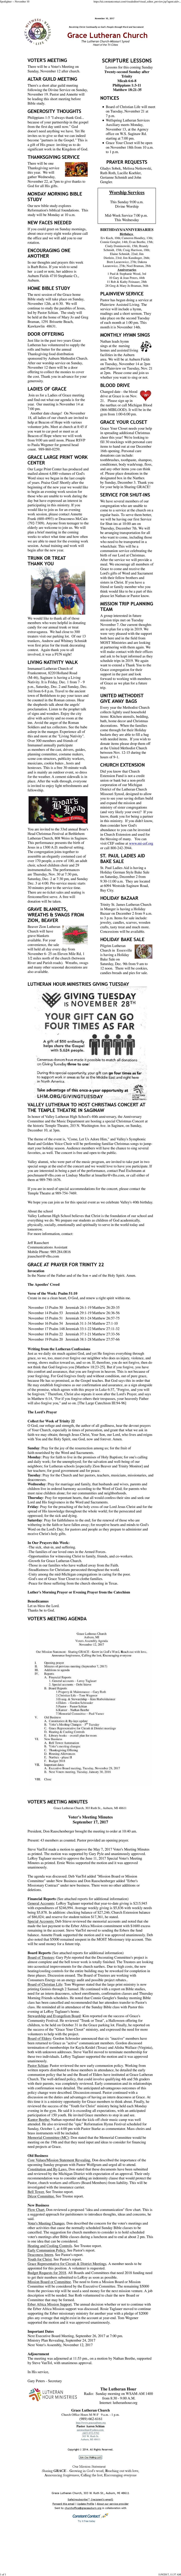 Spotlighter -- November 10-page-001.jpg